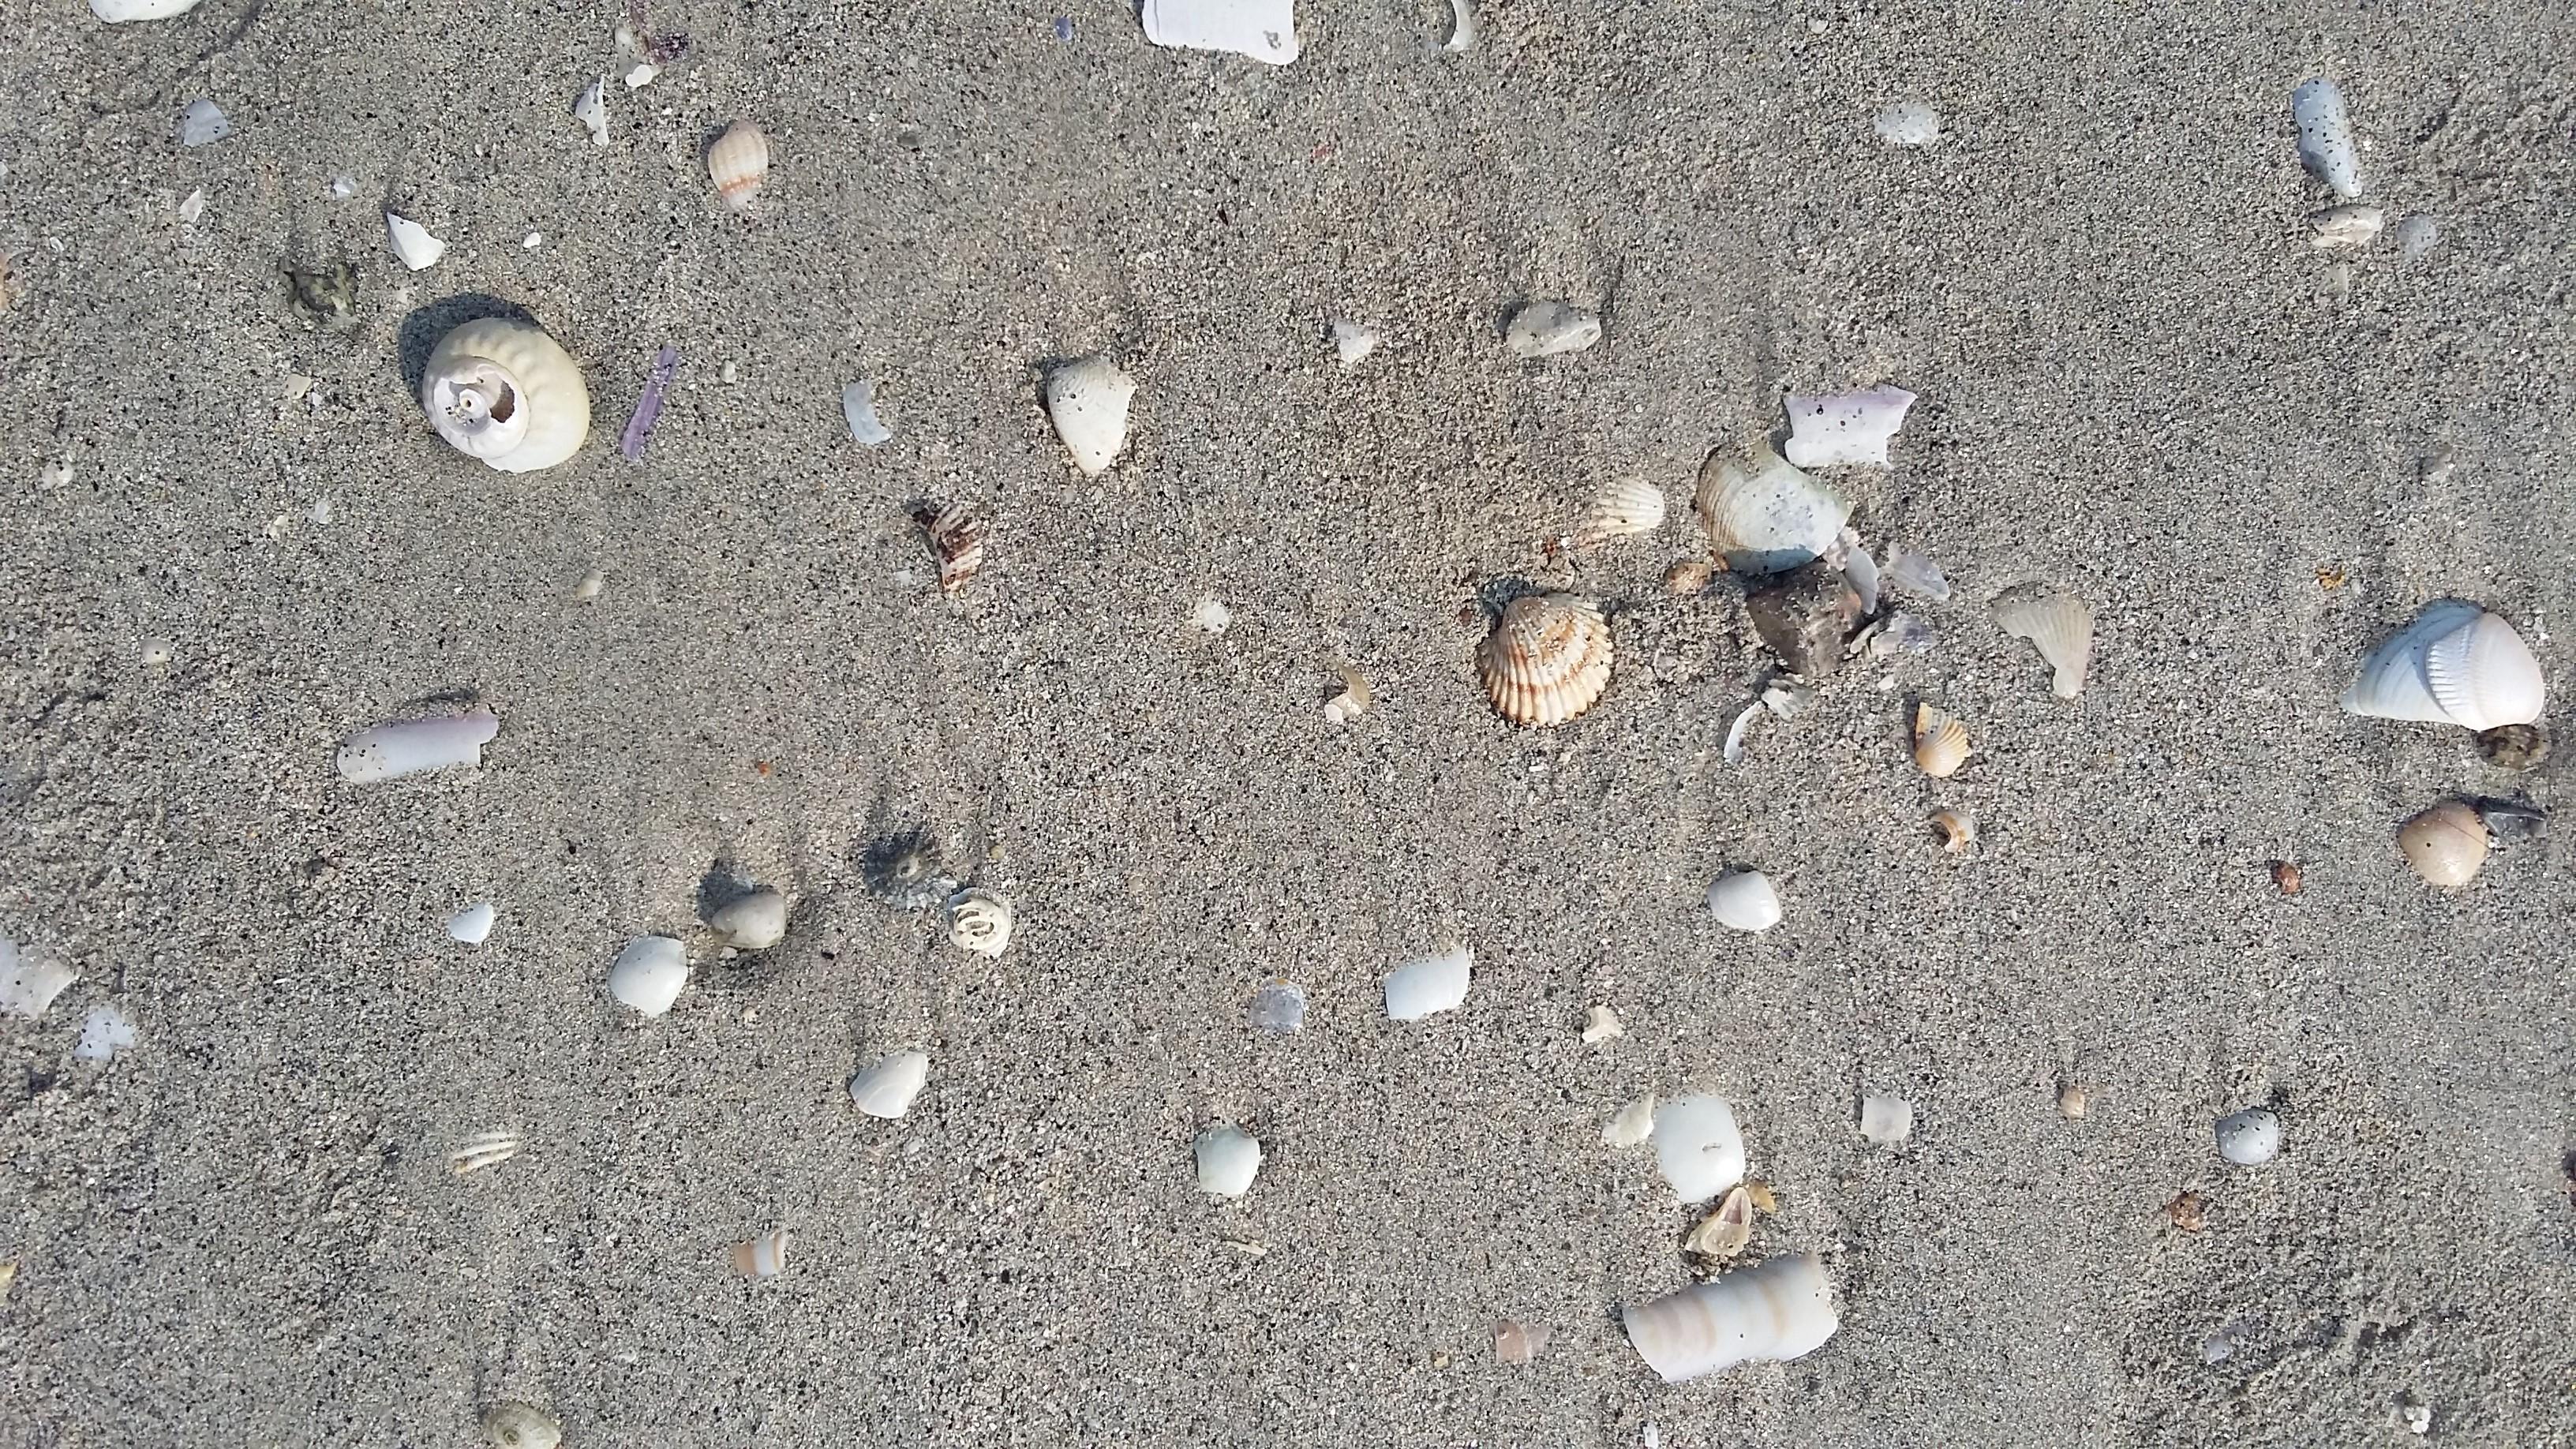 Escaselas Playa de Langosteira. Kagylók a homokban.